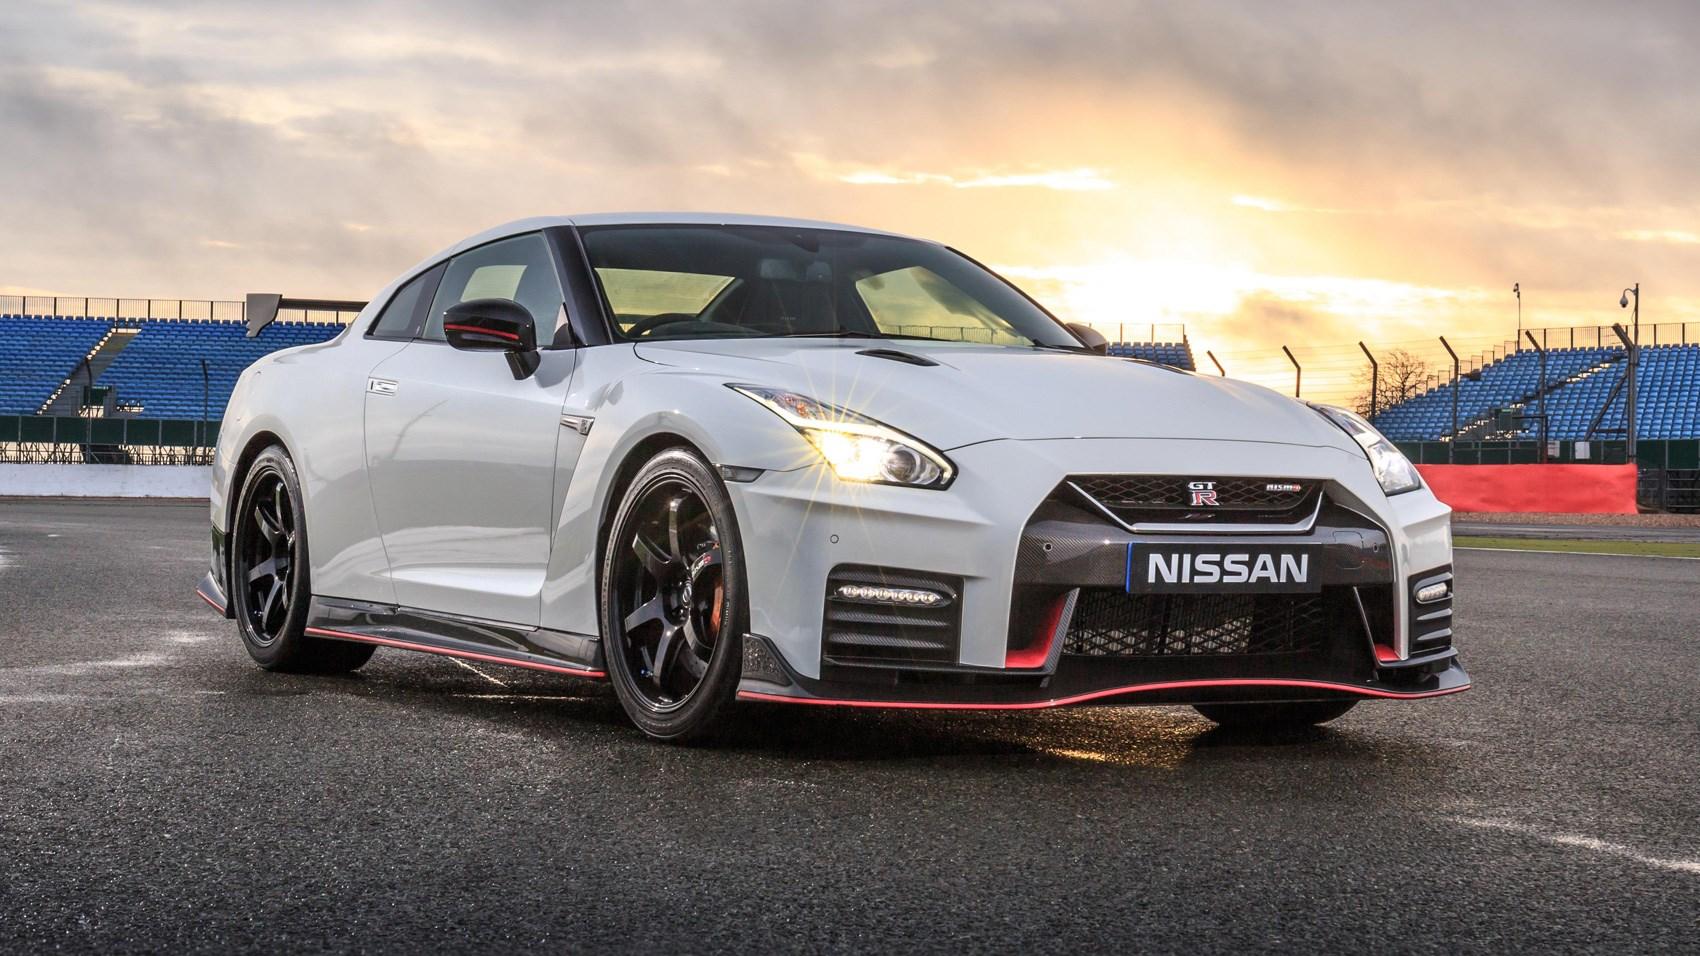 2017 Nissan GT-R Nismo vs 660HP Tuned GT-R! - Garage Dreams